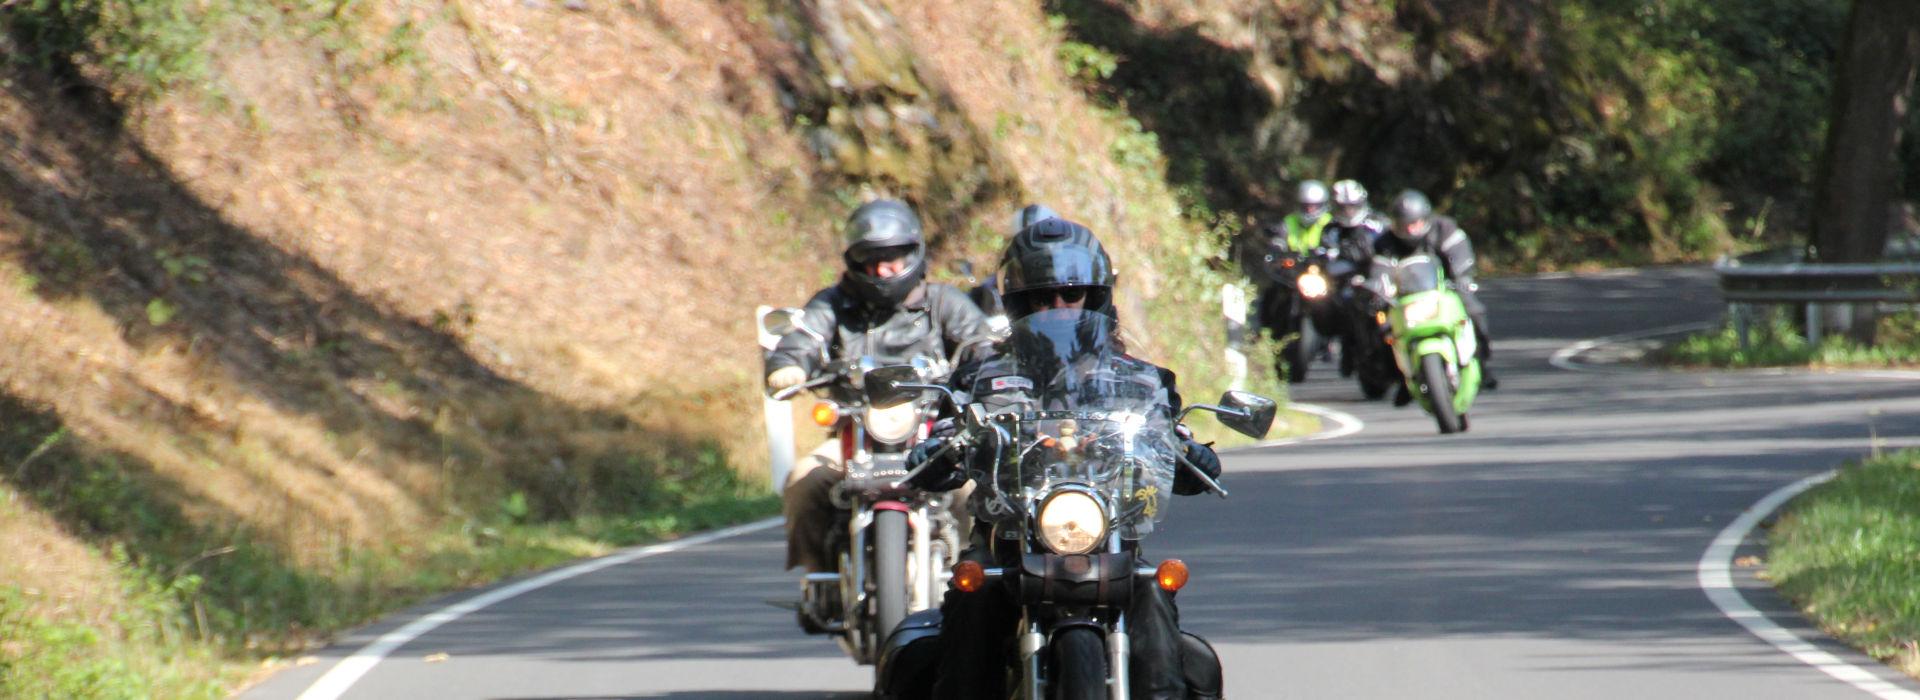 Motorrijbewijspoint Lekkerkerk snel motorrijbewijs halen